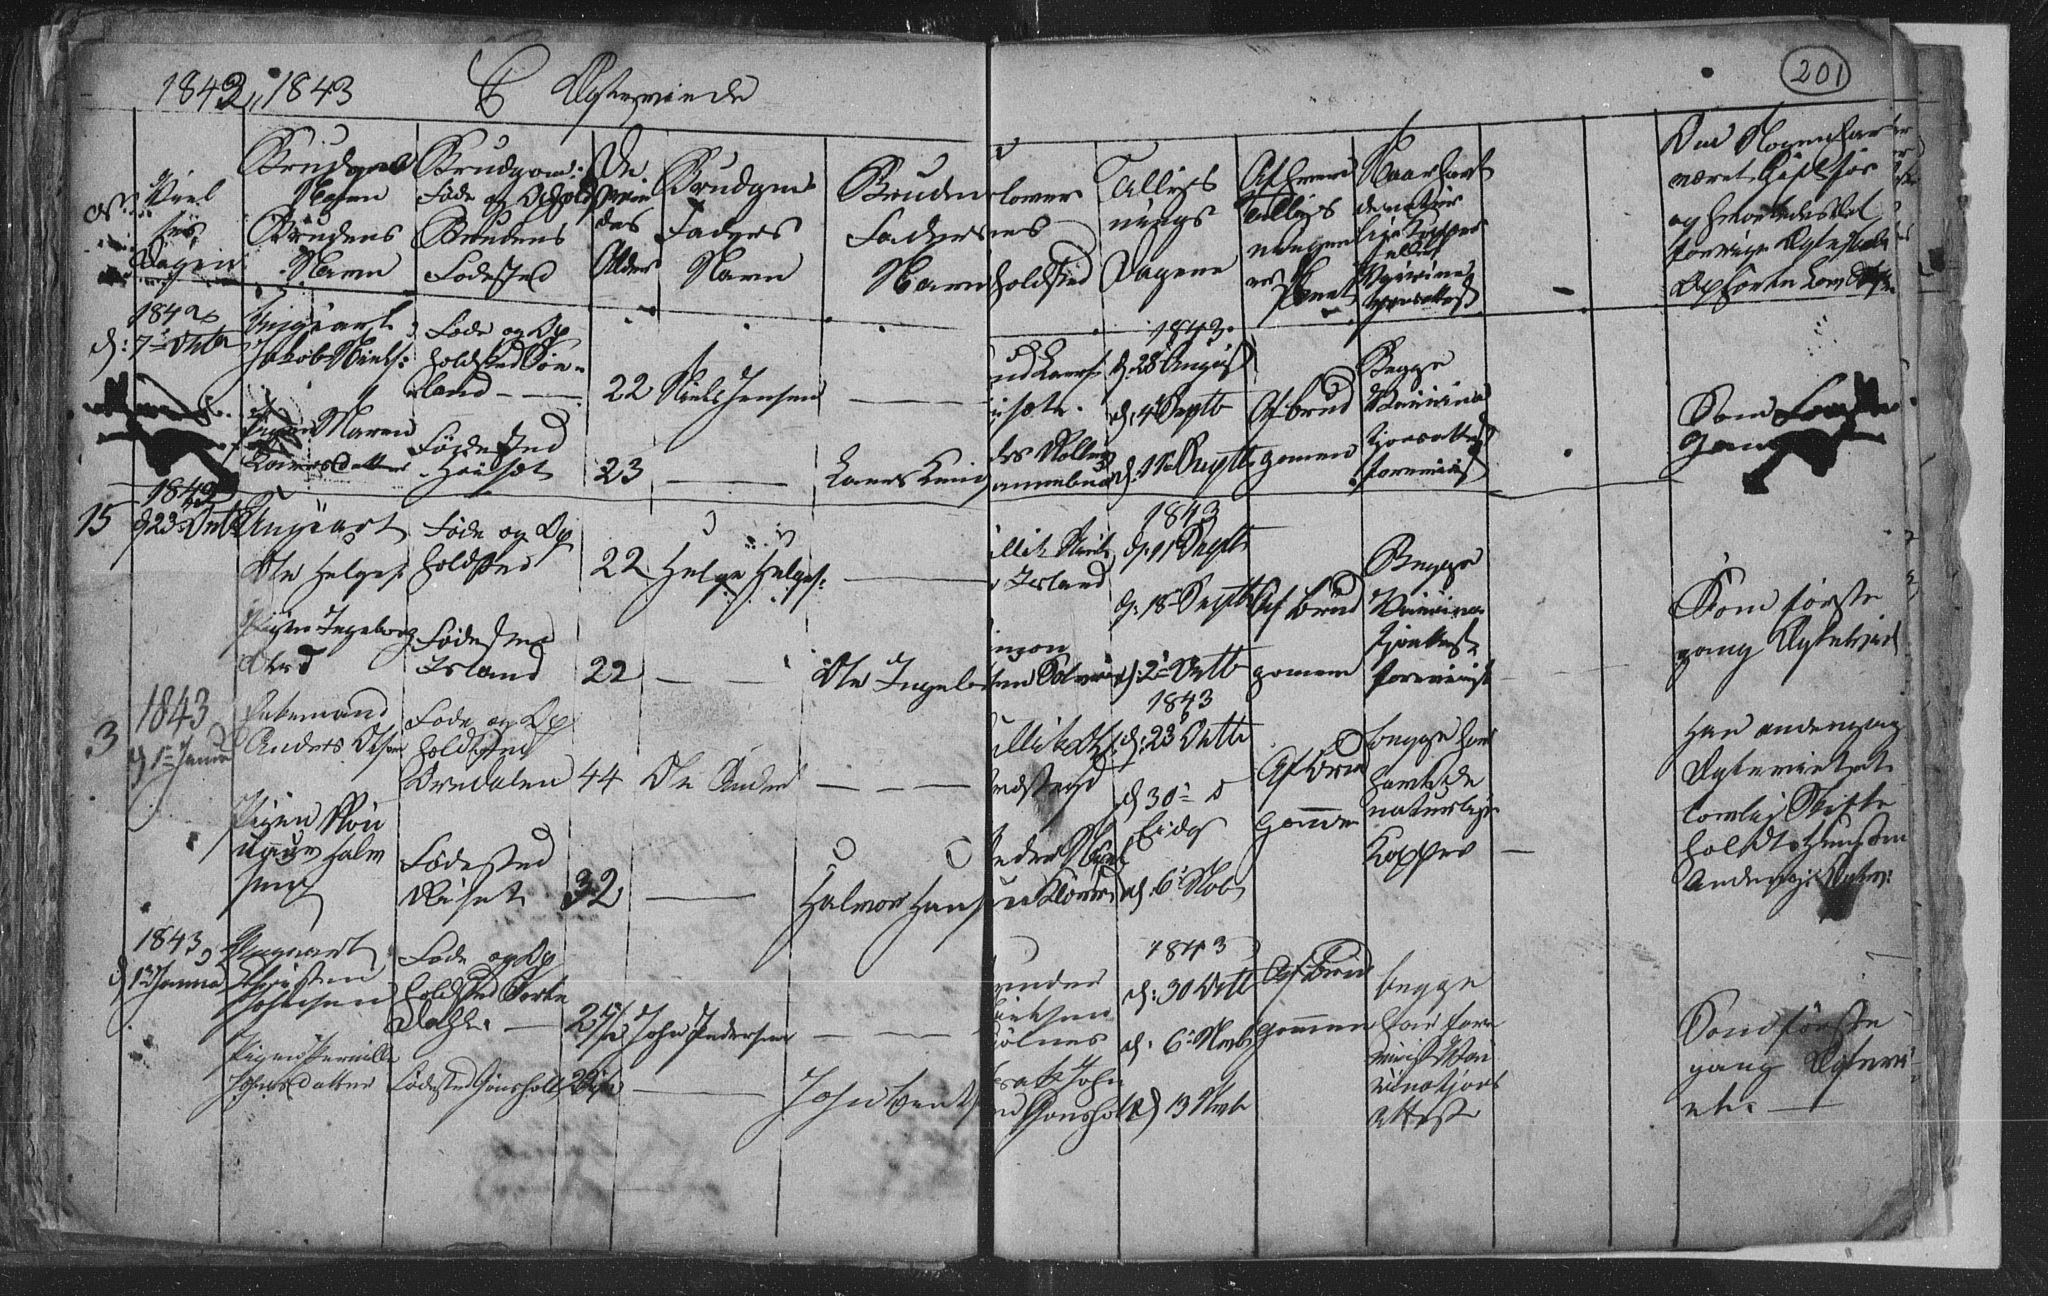 SAKO, Siljan kirkebøker, G/Ga/L0001: Klokkerbok nr. 1, 1827-1847, s. 201